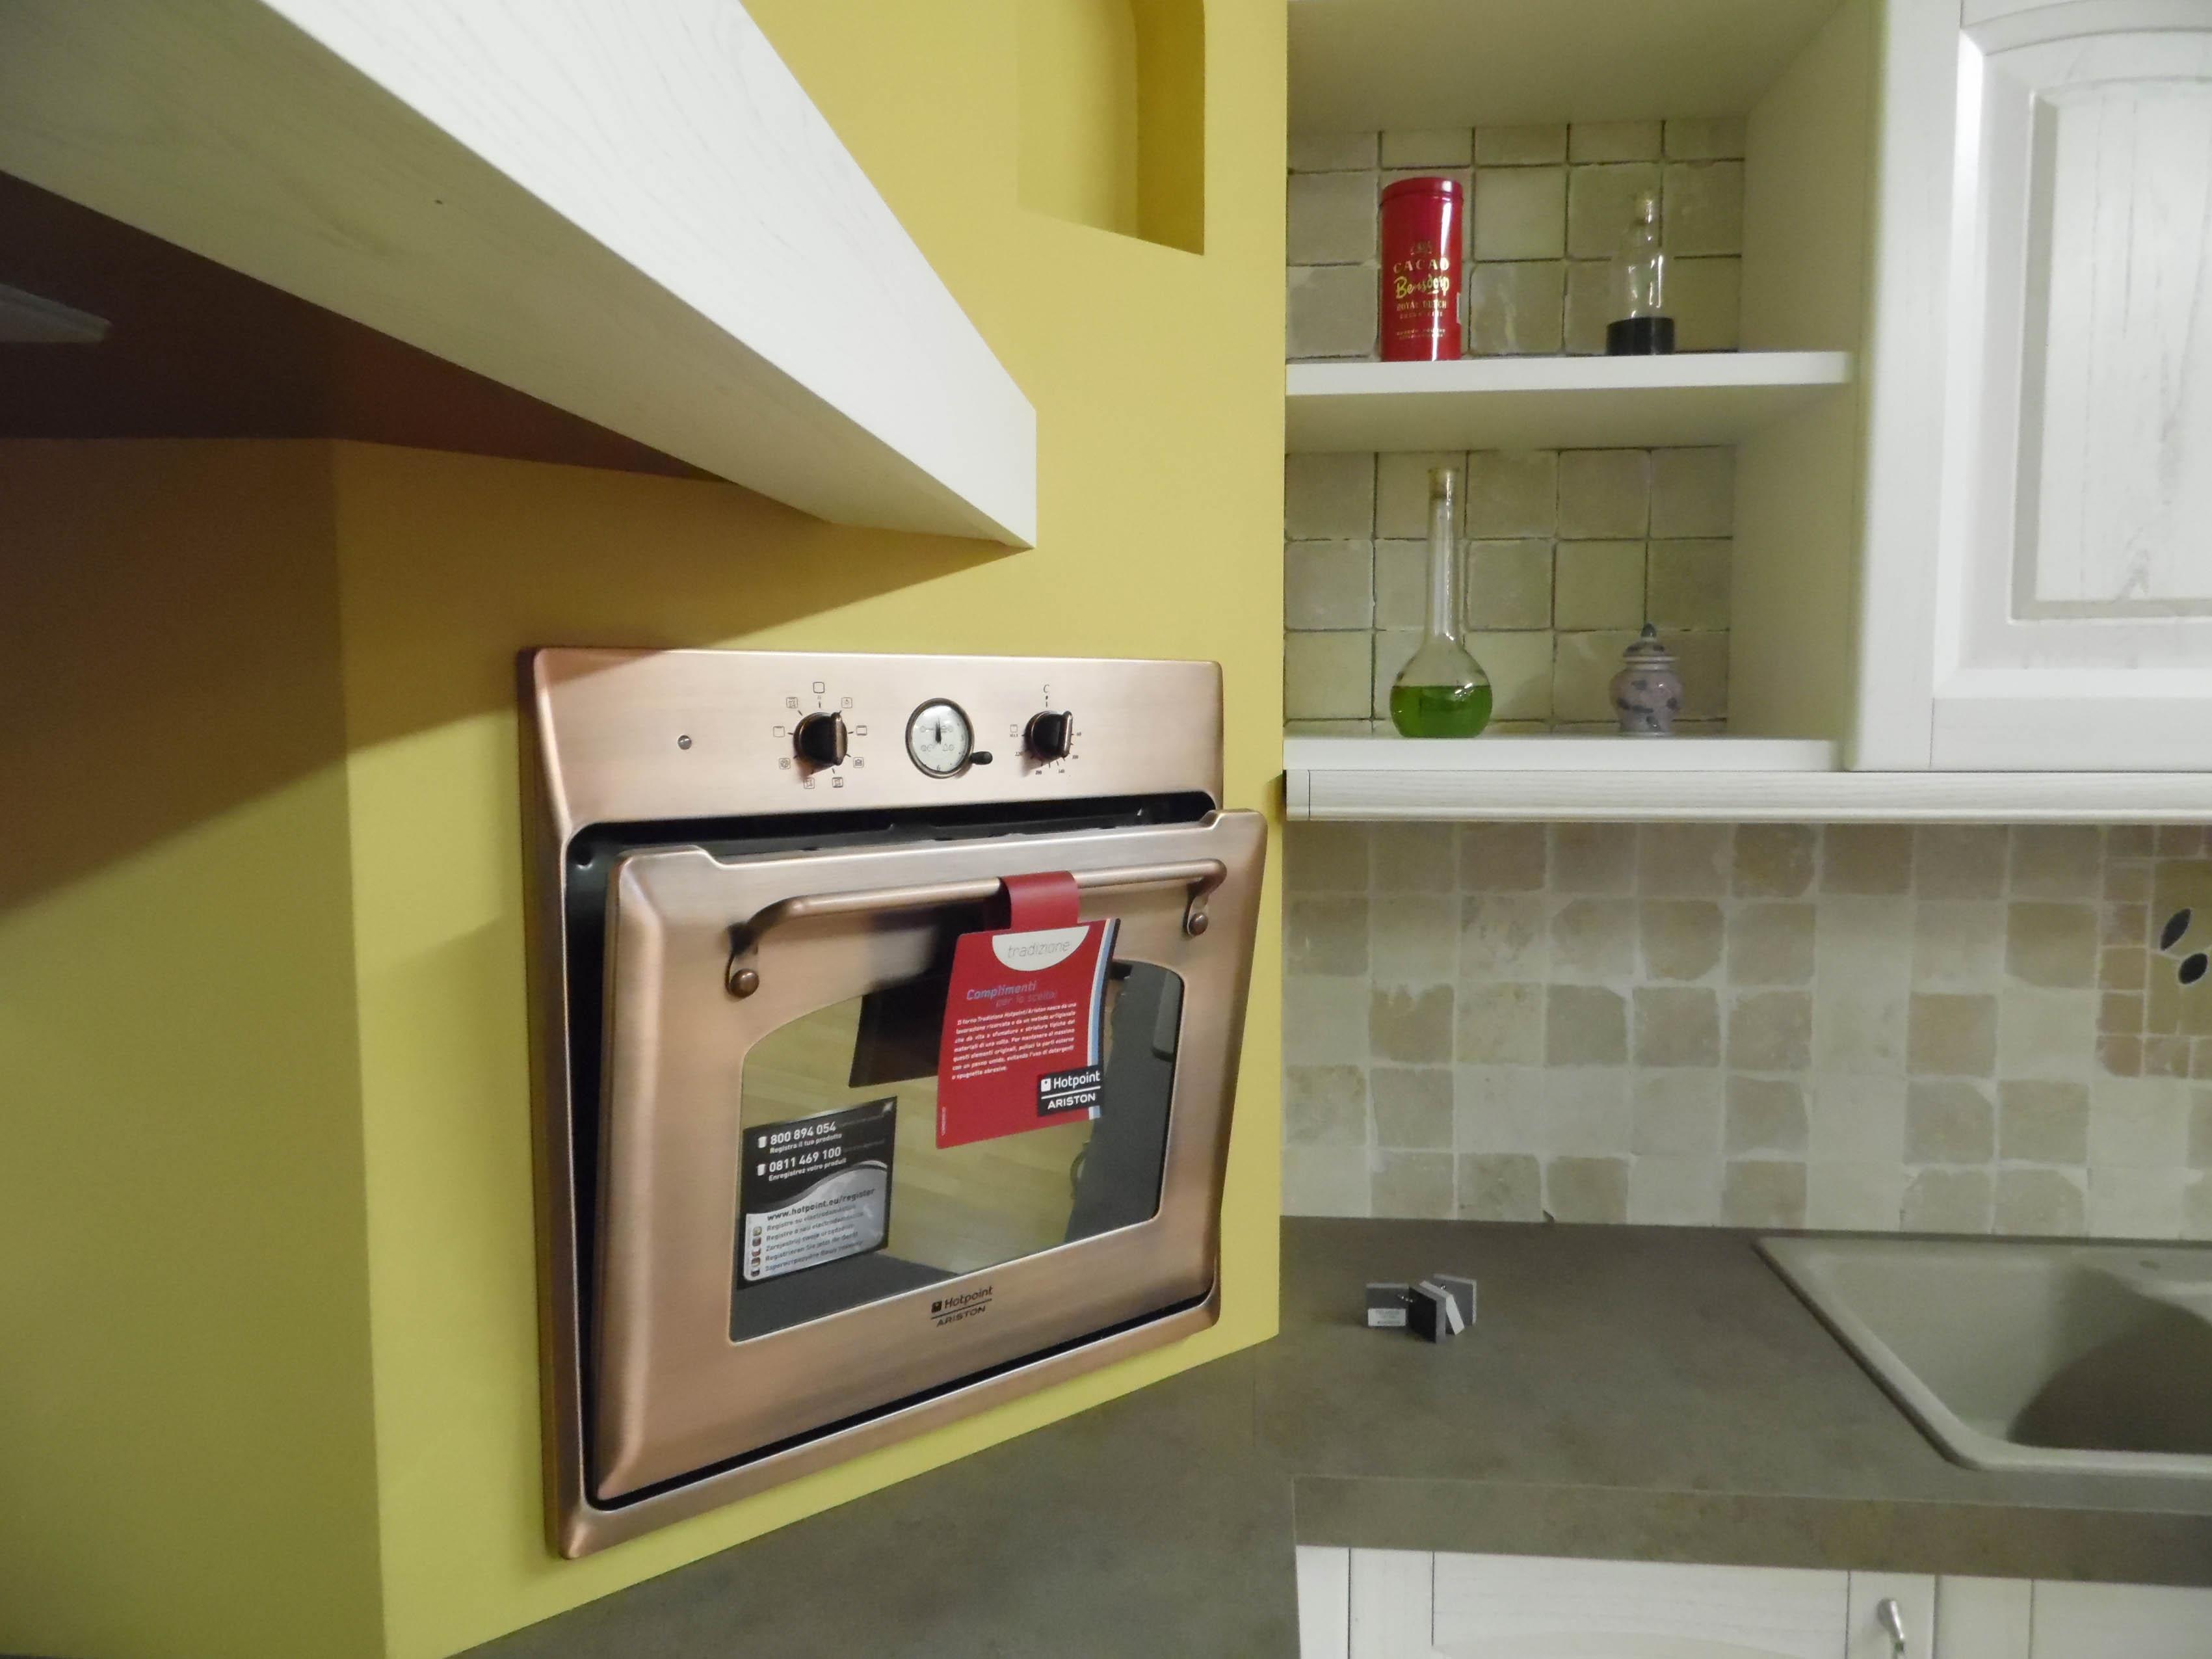 Cool astra cucine ducale bianca legno cucine a prezzi scontati with cucine astra prezzi - Euromobil cucine opinioni ...